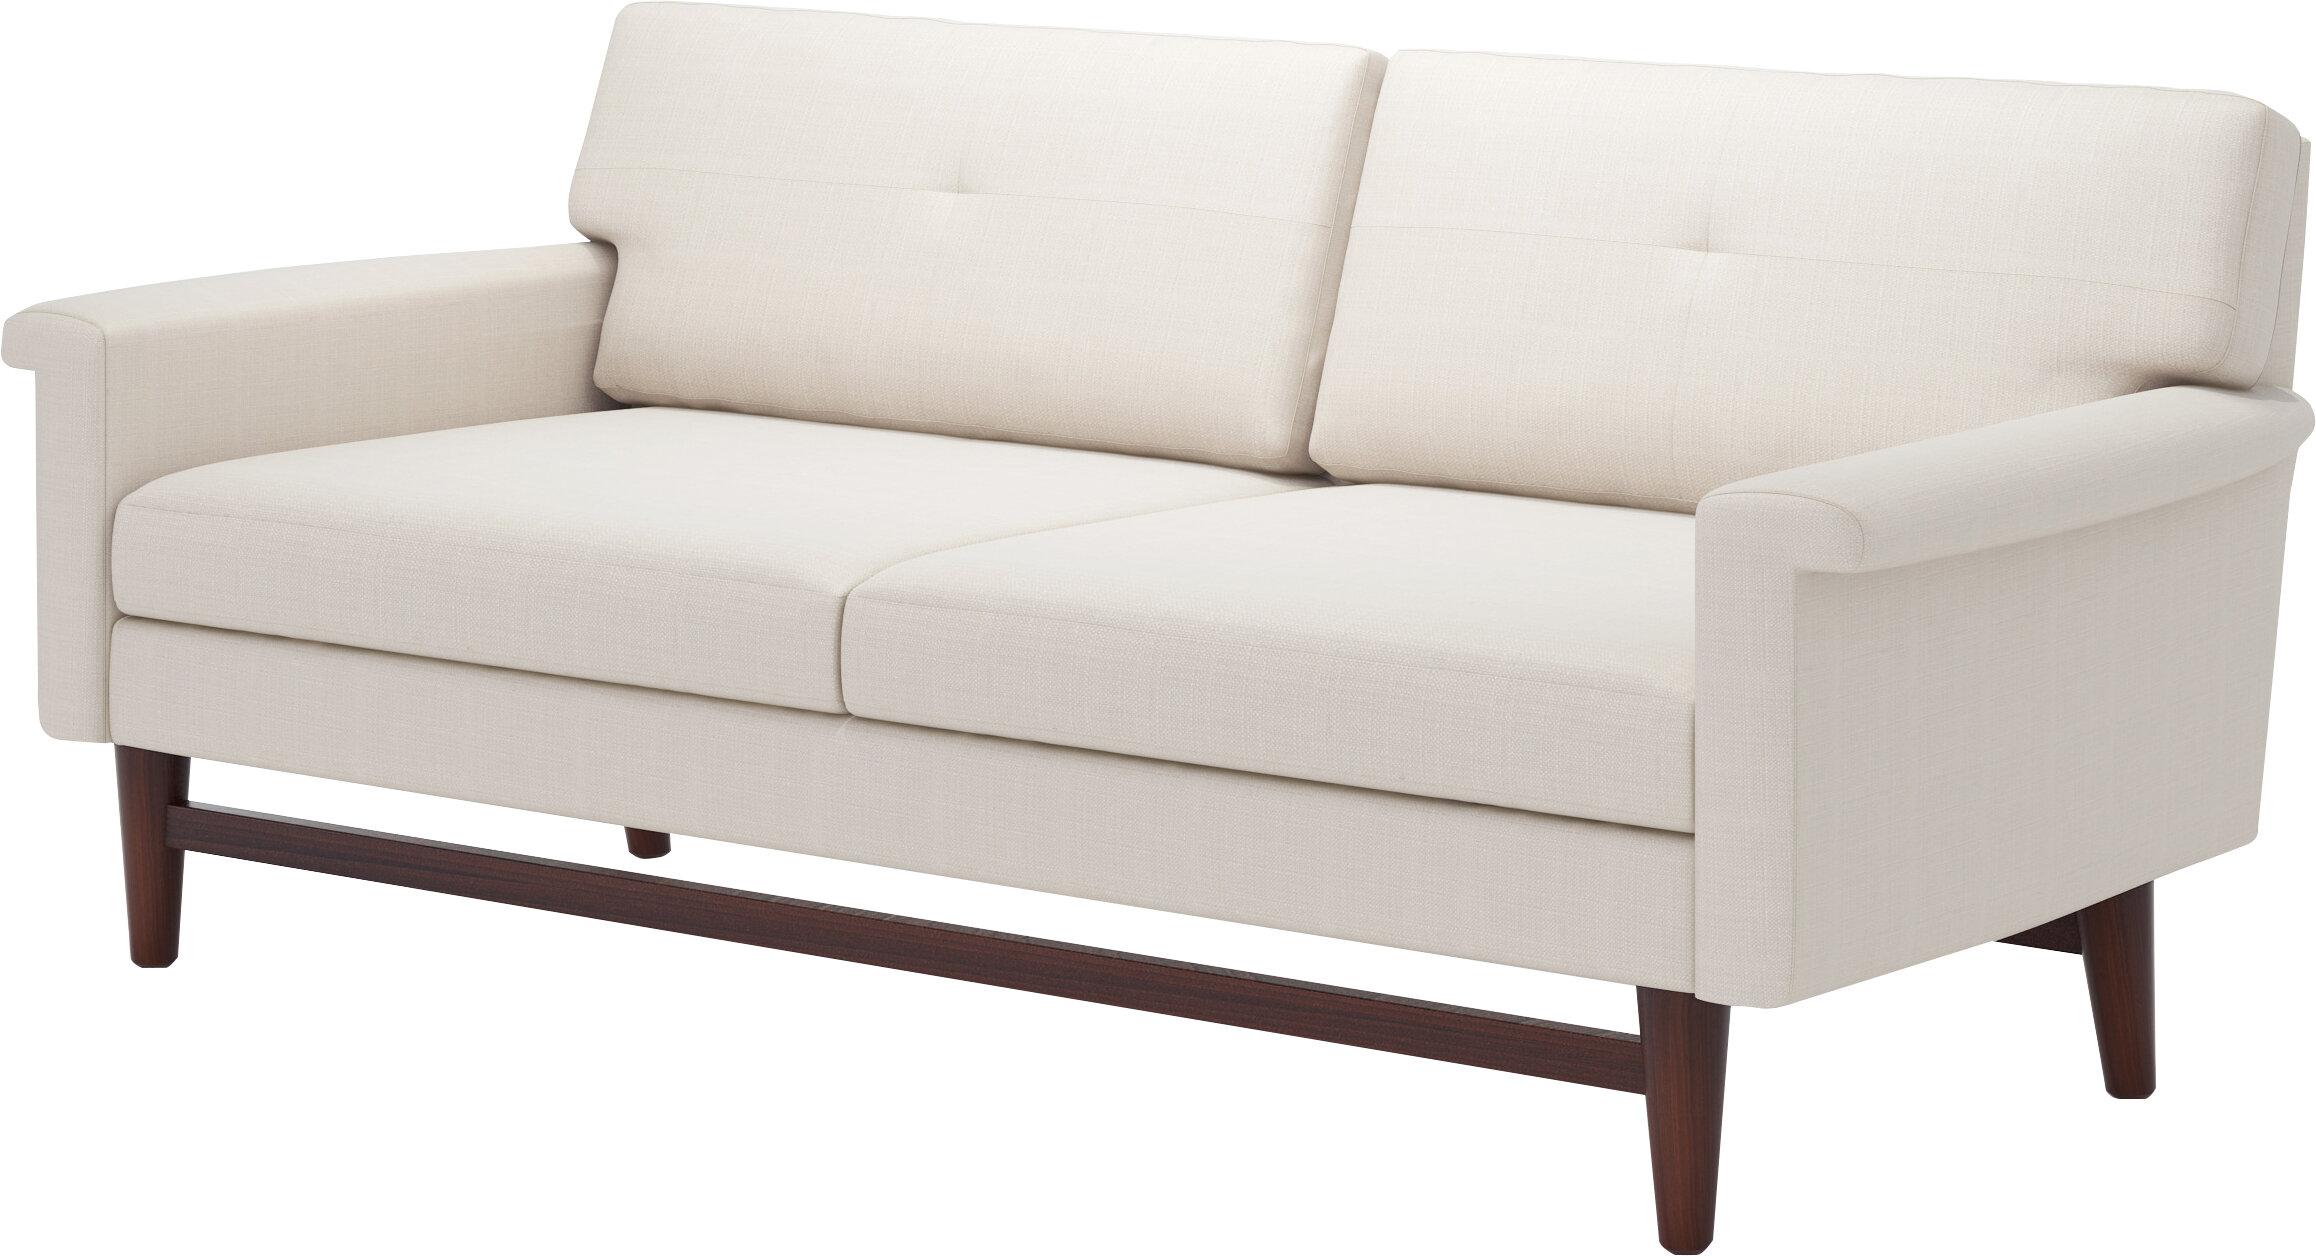 Diggity 78 condo sofa allmodern